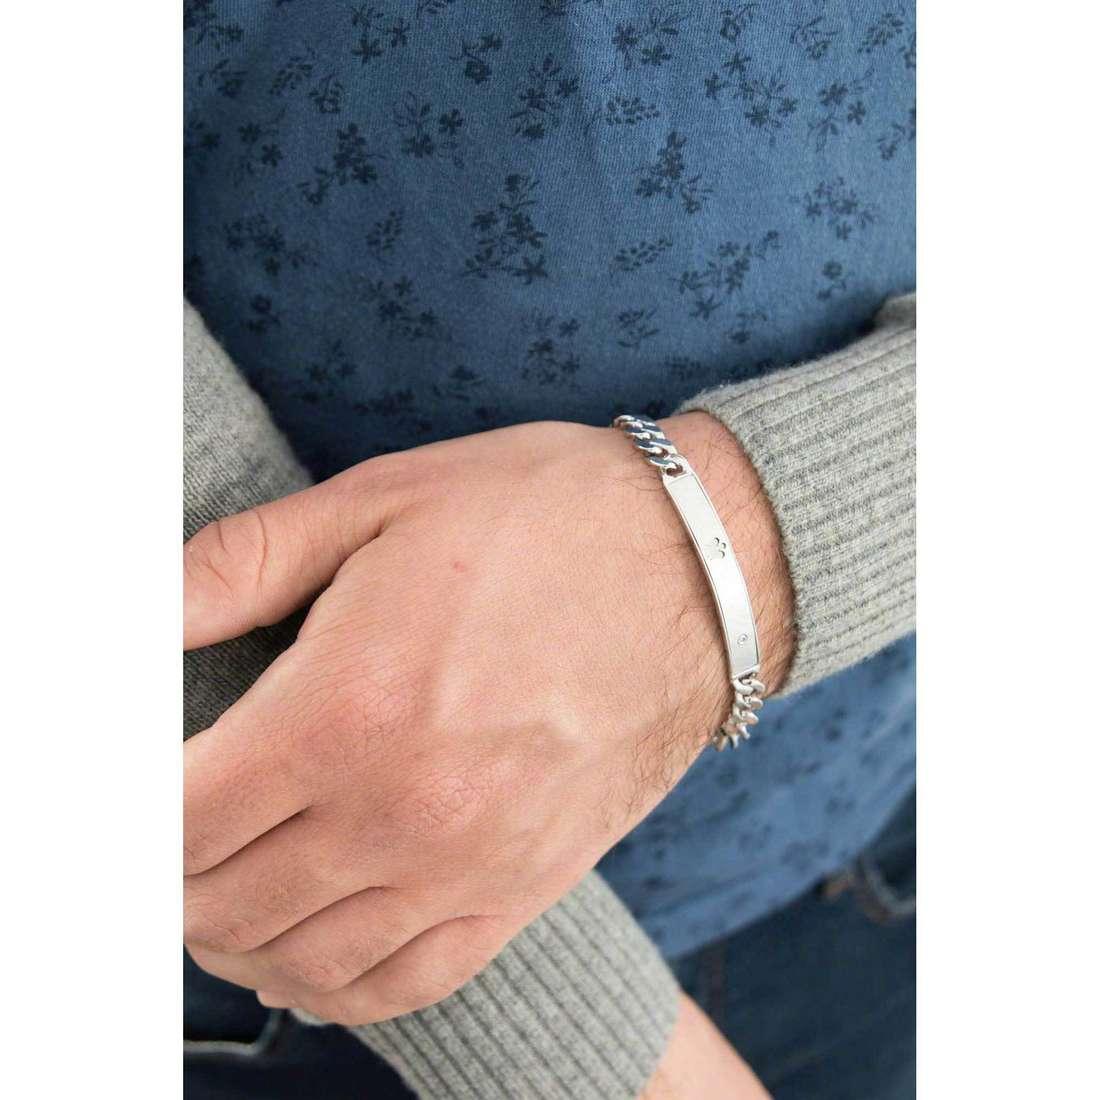 Giannotti bracciali uomo GIA281 indosso